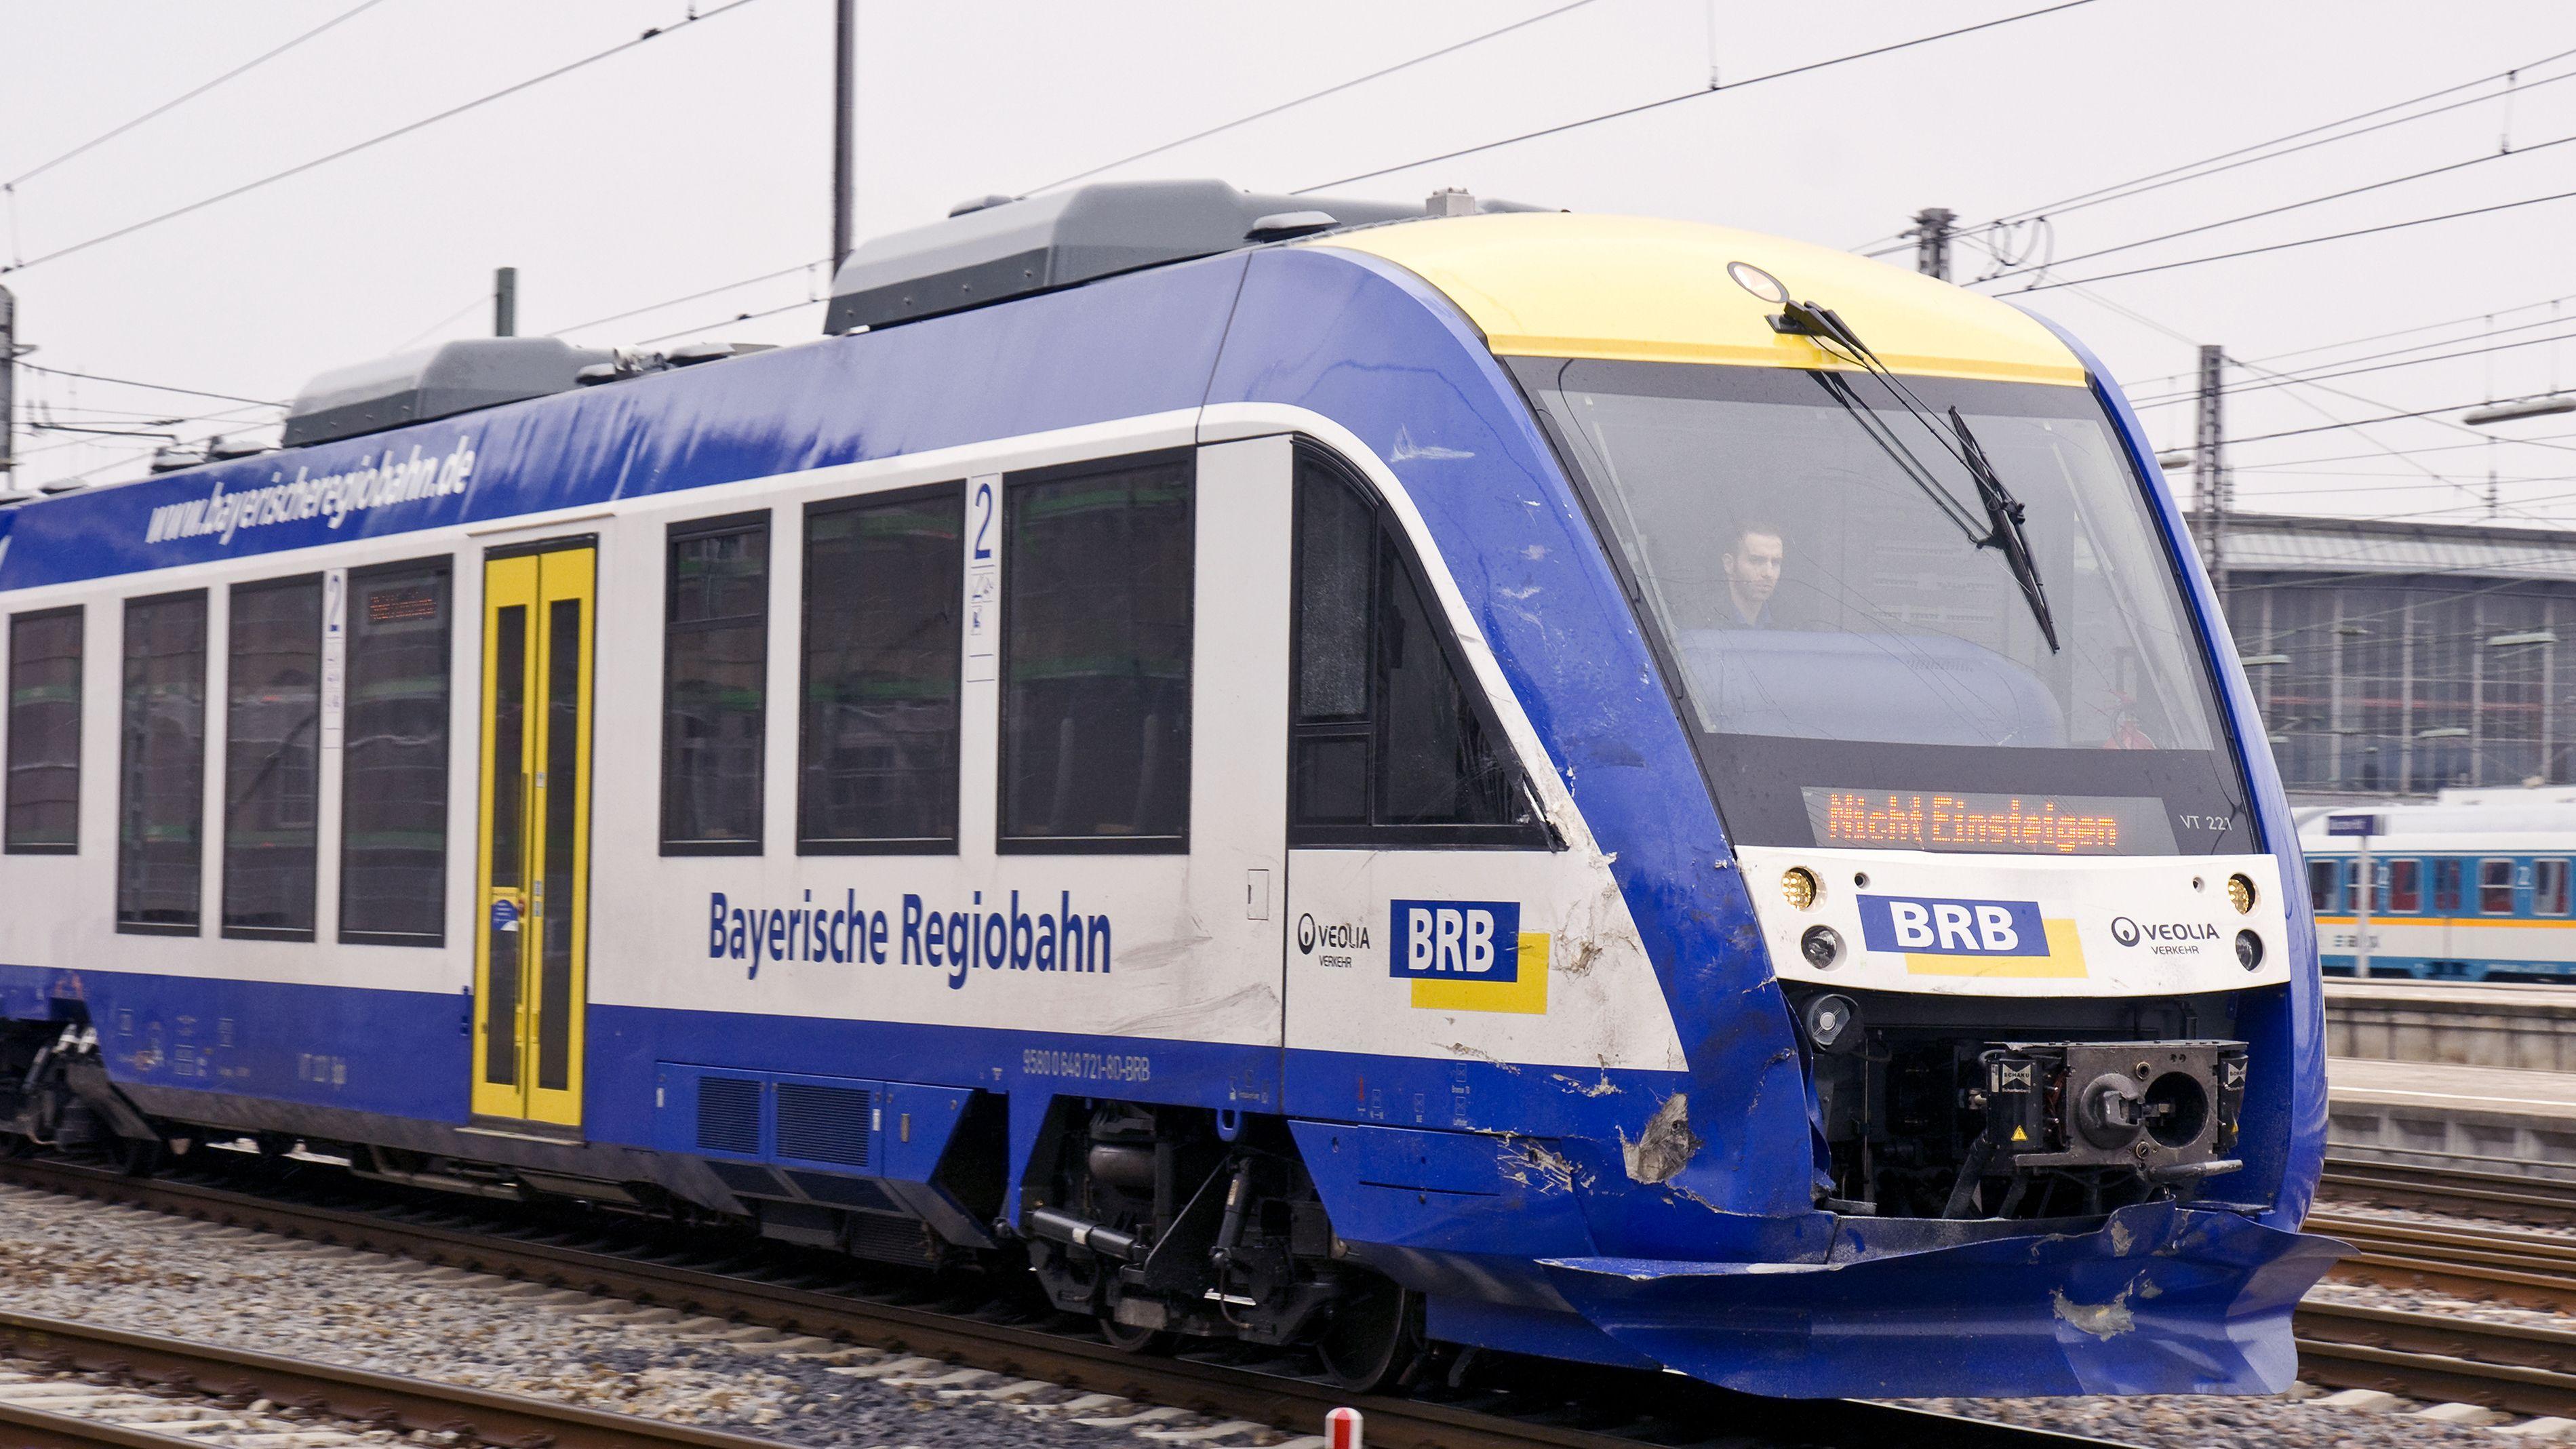 Zug der Bayerischen Regiobahn